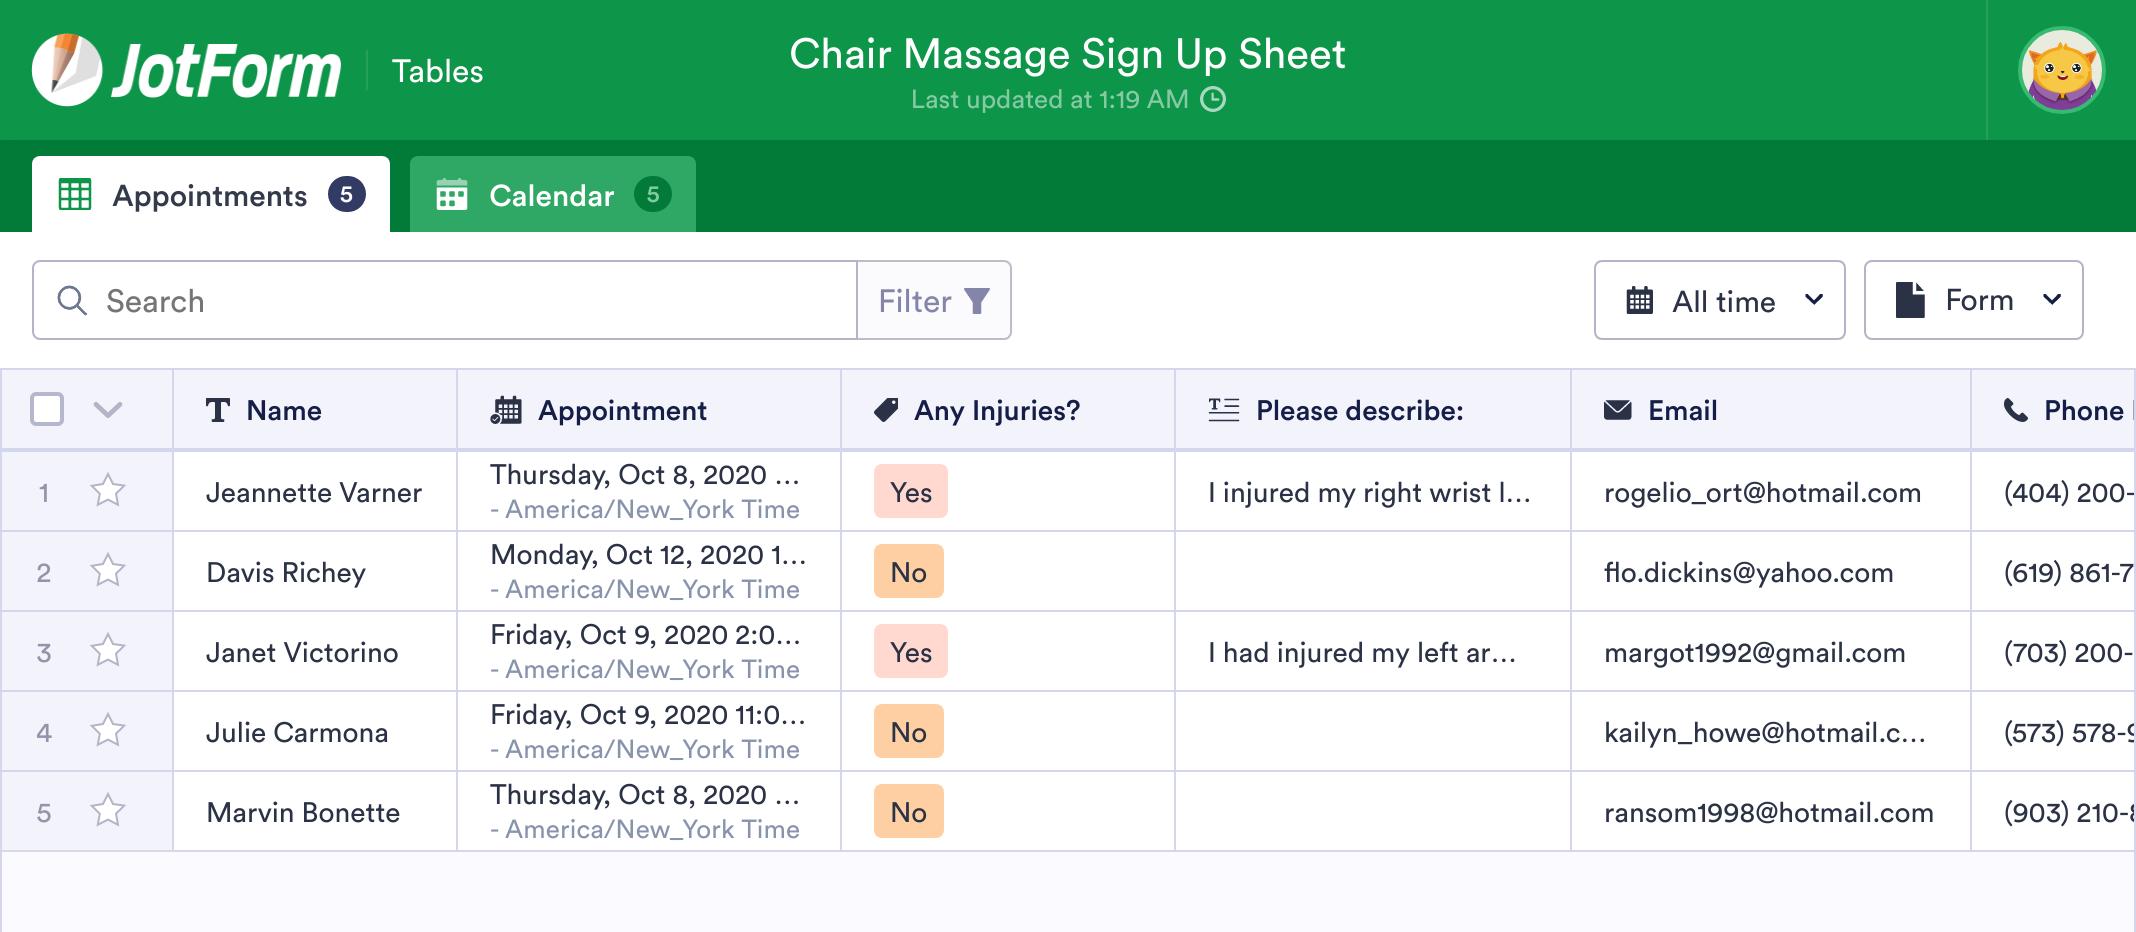 Chair Massage Sign Up Sheet